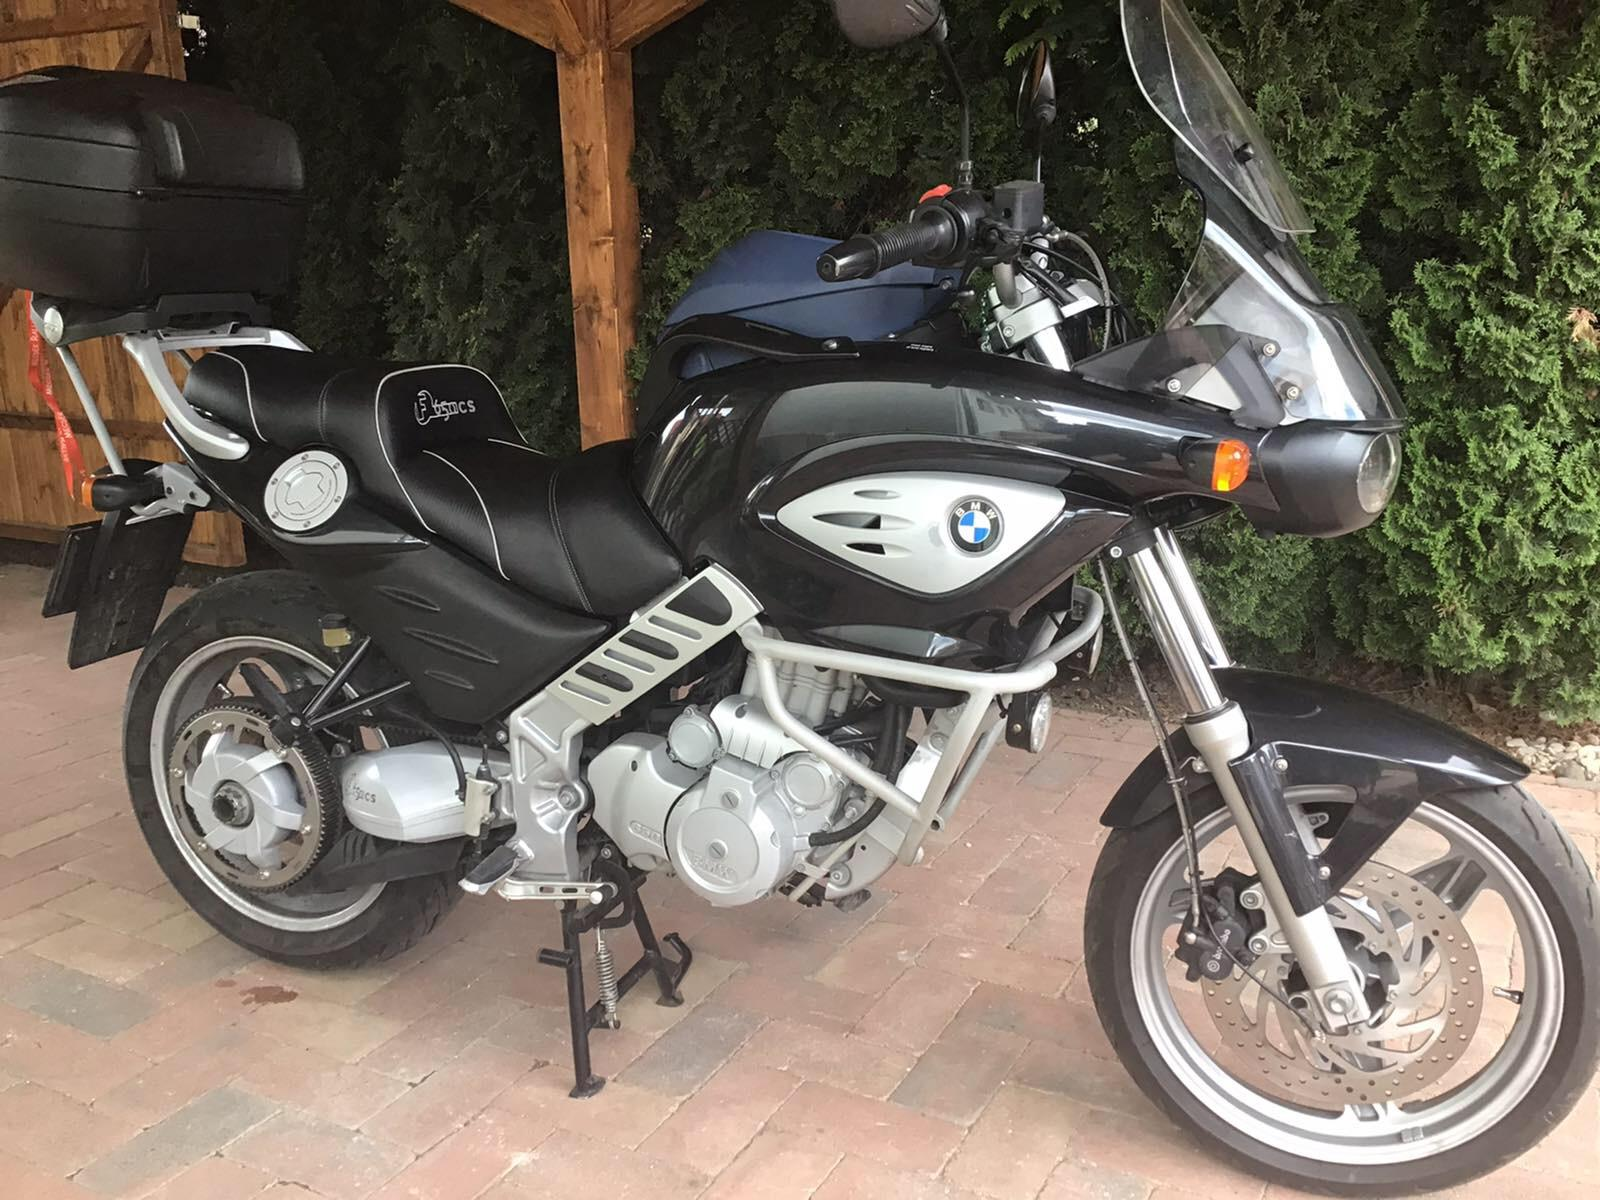 Egyenarcúsított egyéniség: BMW F800R teszt - Onroad.hu